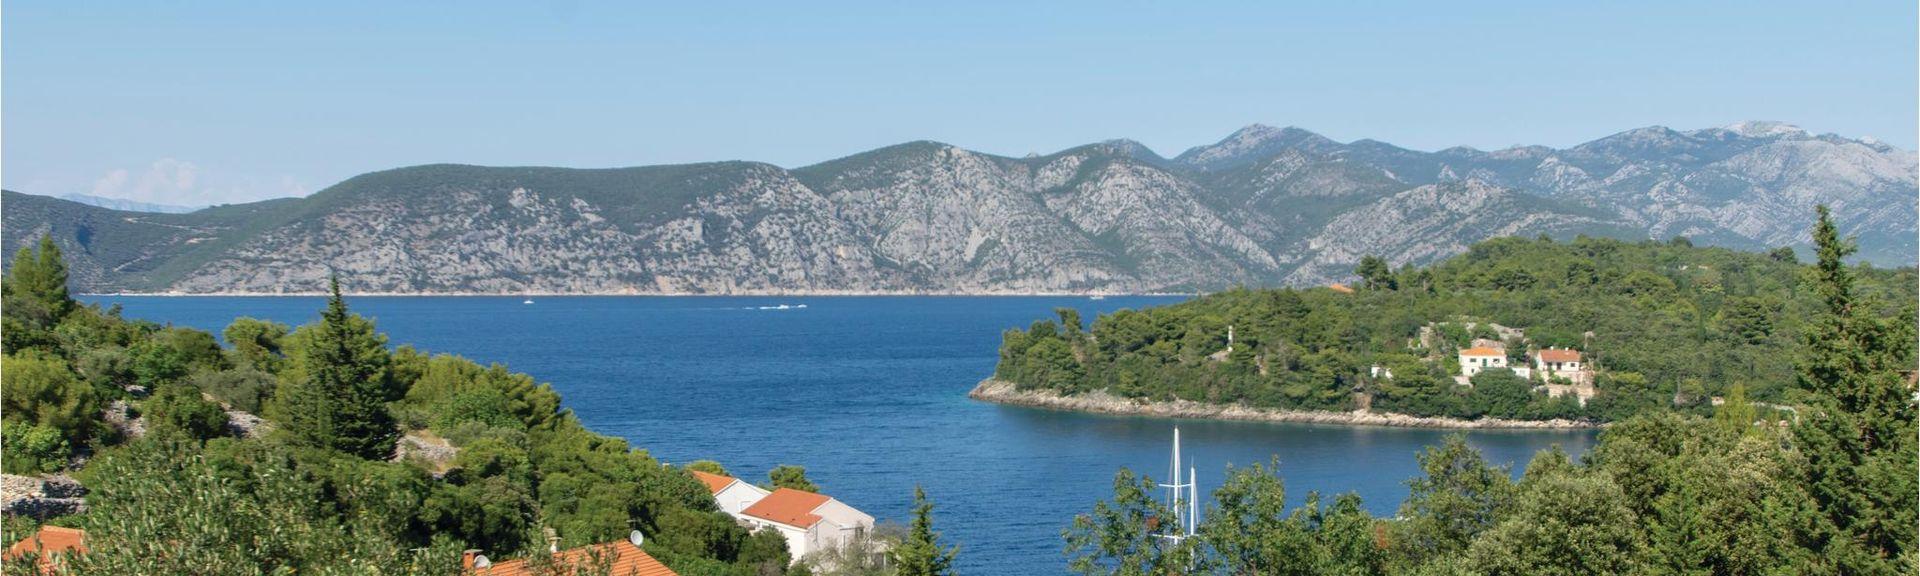 Brna, Smokvica, Comitat de Dubrovnik-Neretva, Croatie